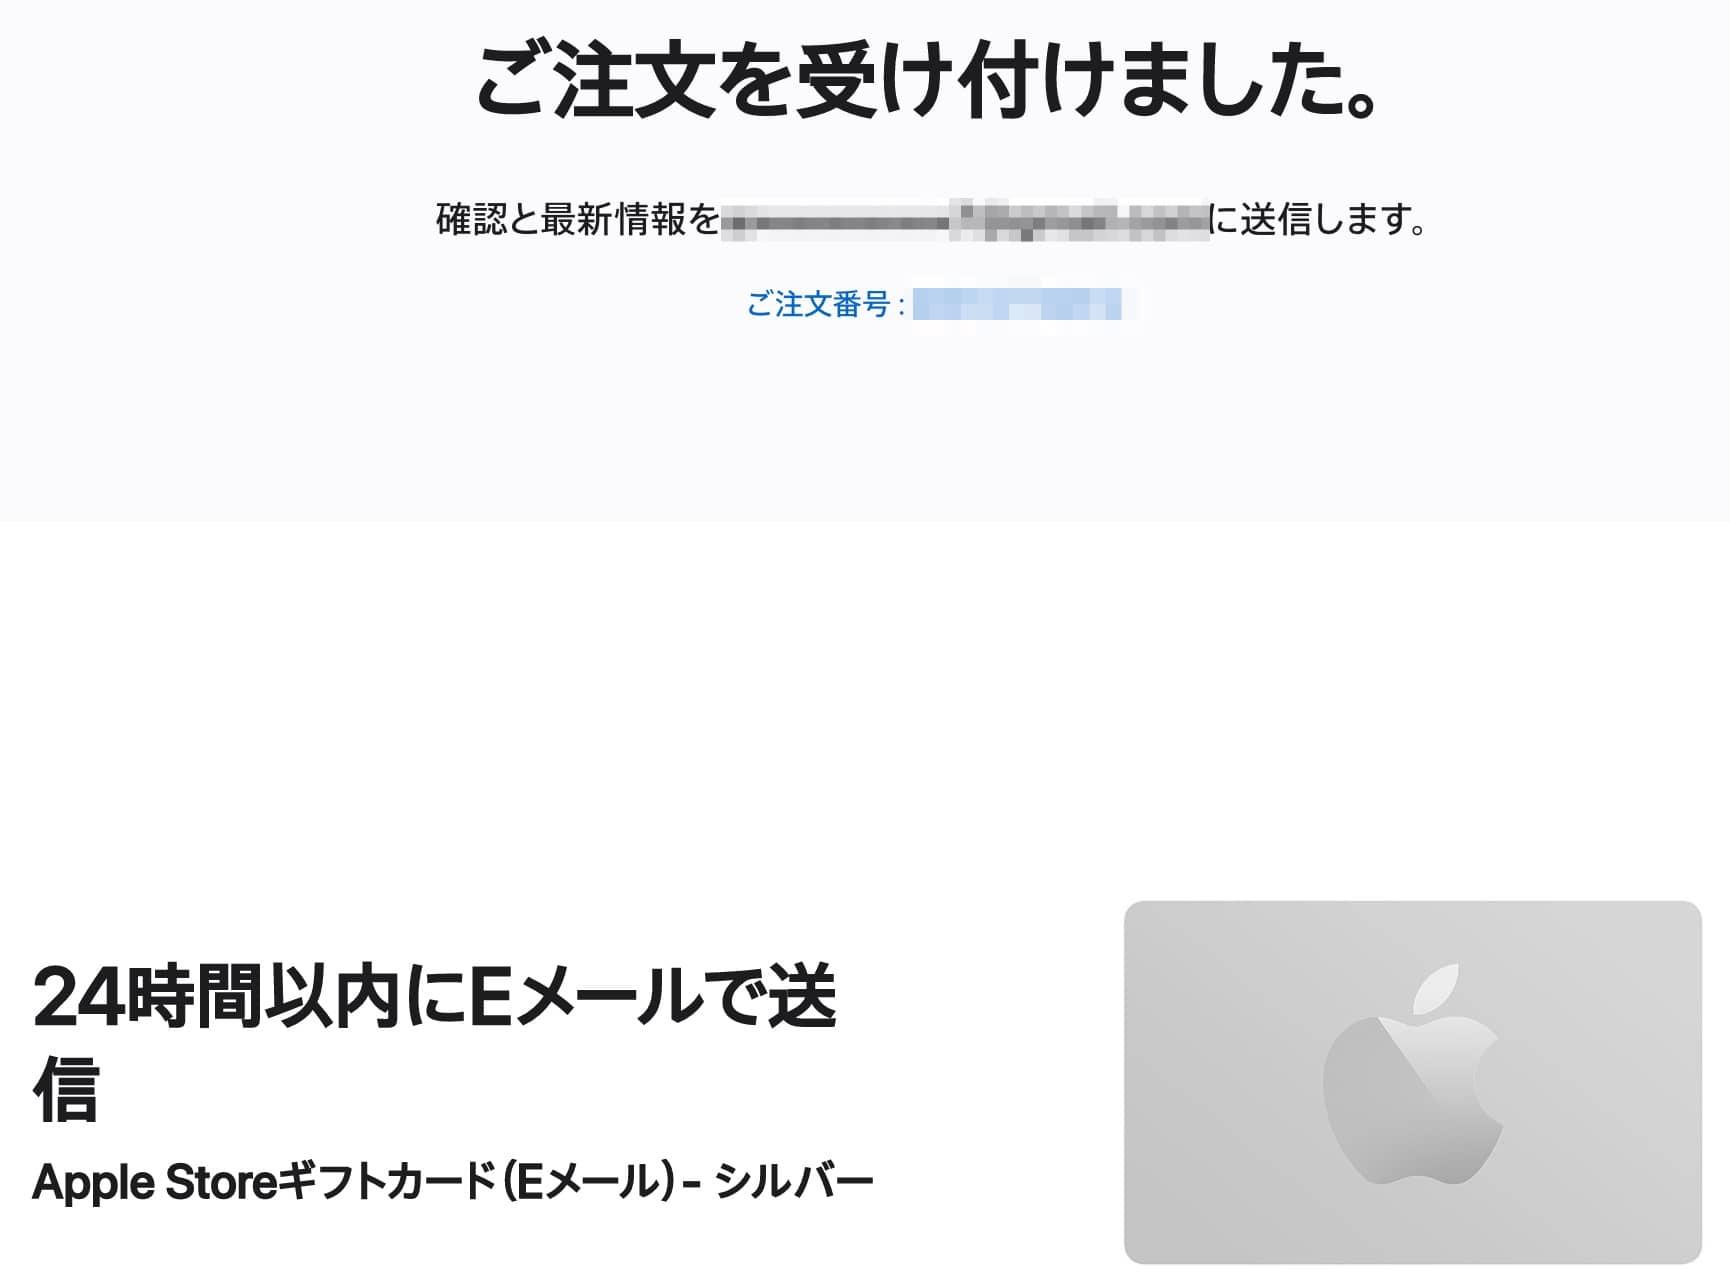 appleギフトカードの購入完了